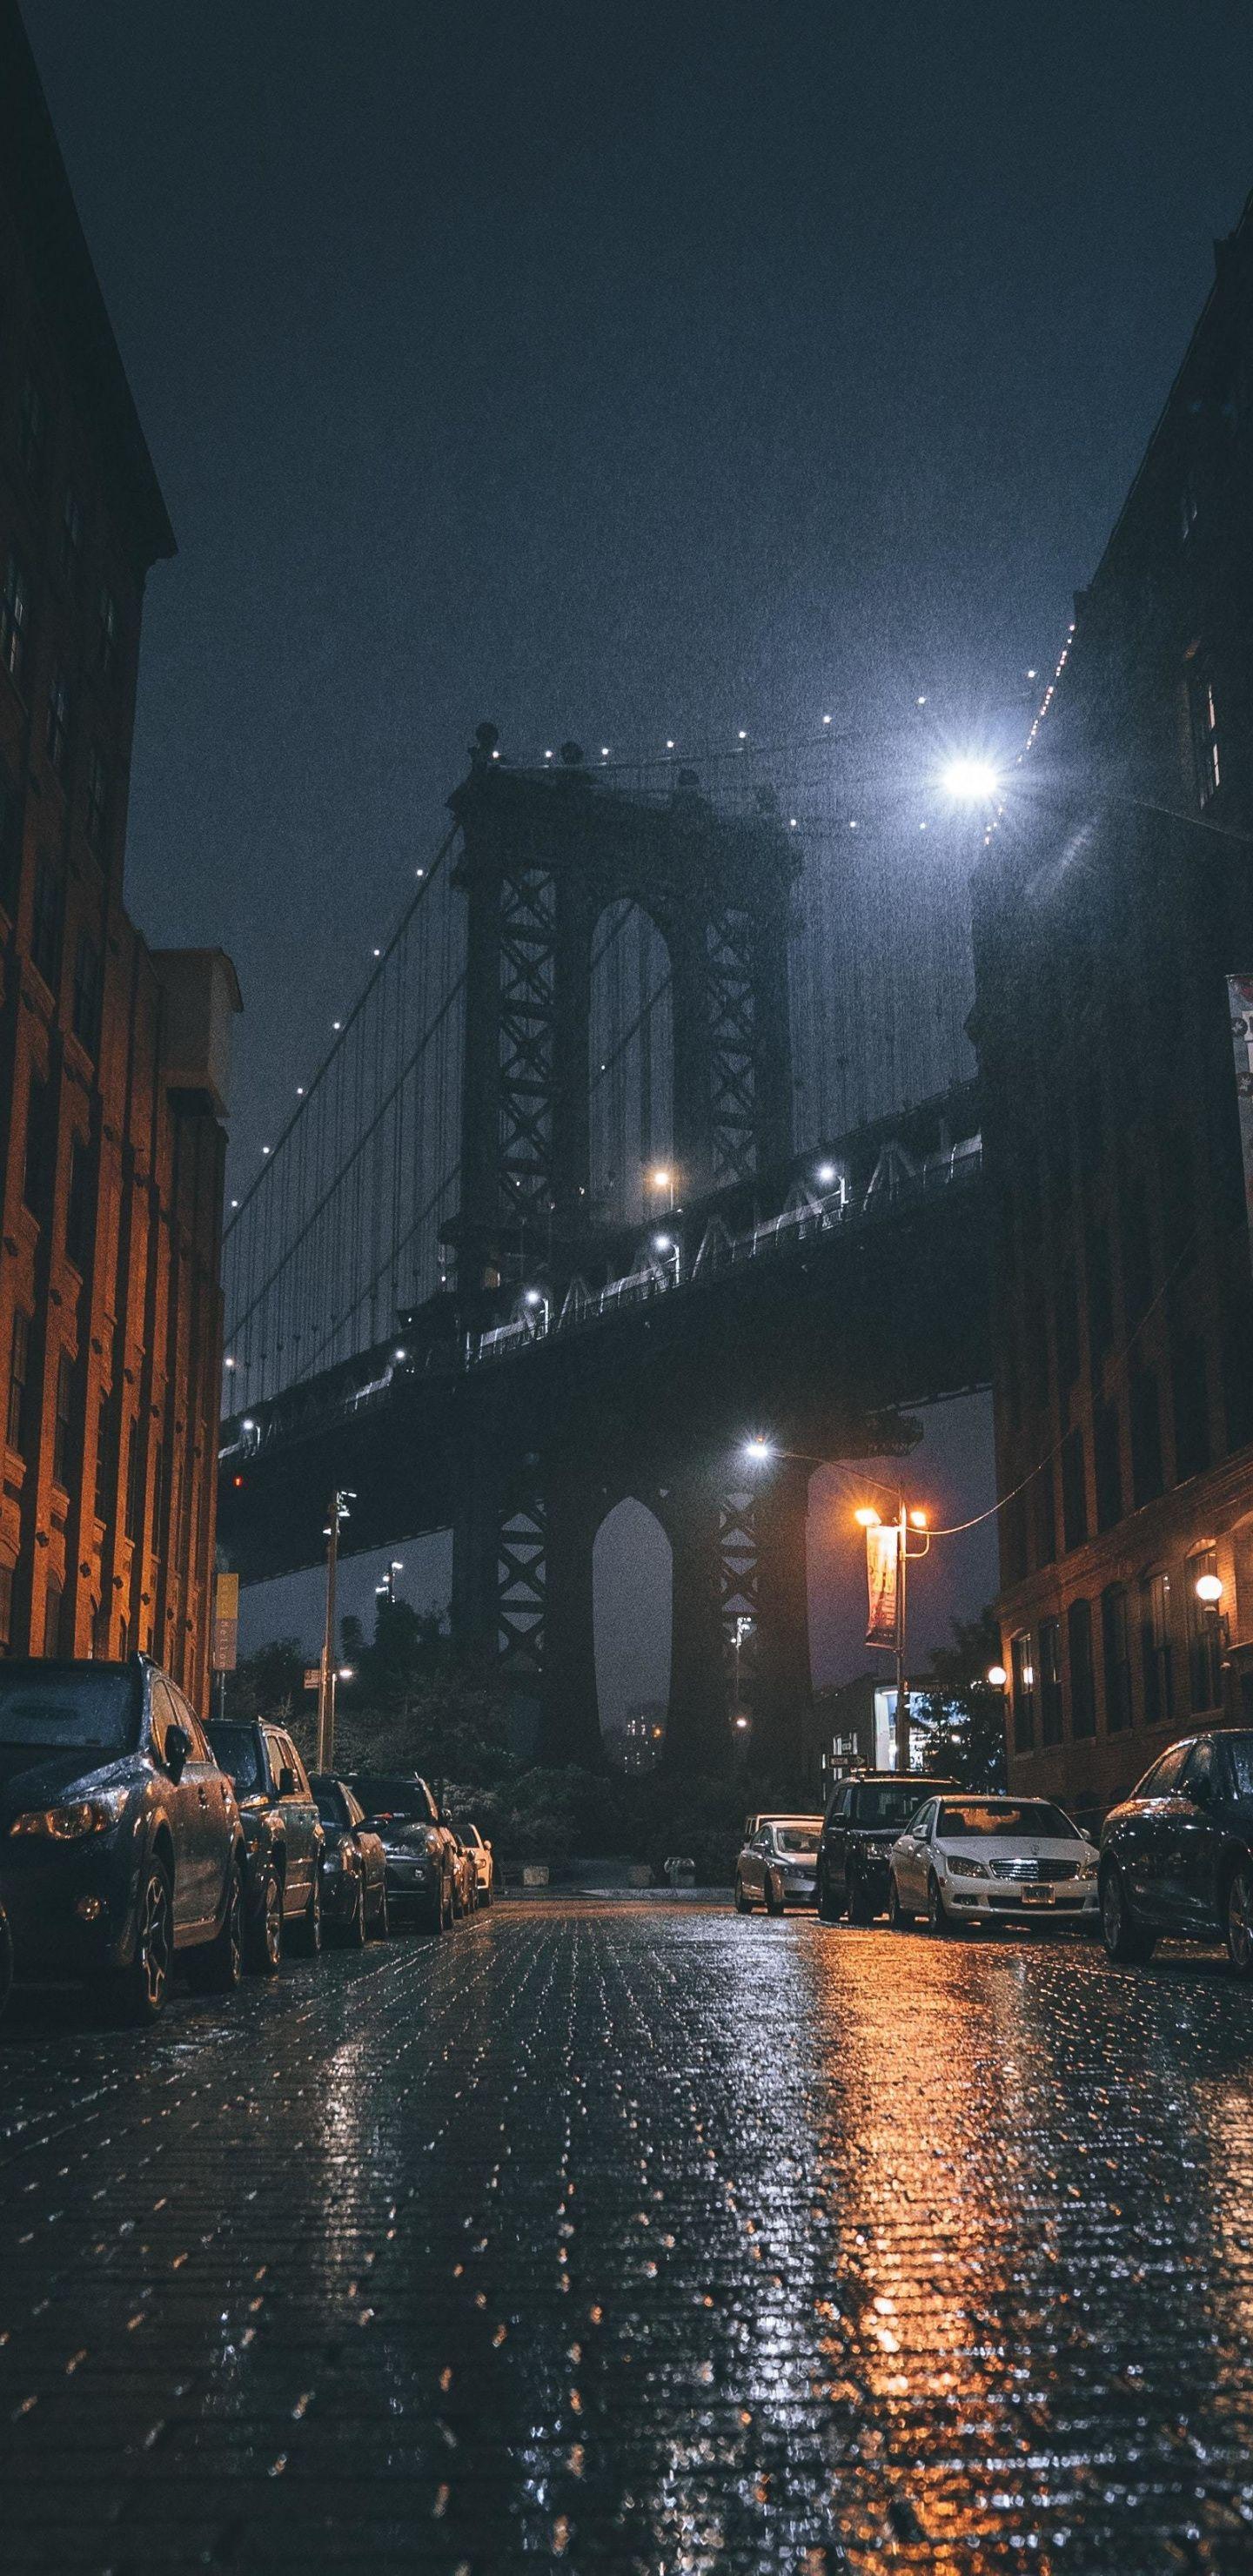 1440x2960 Sidewalk Near Bridge City Night Wallpaper City Aesthetic City Wallpaper Night Aesthetic